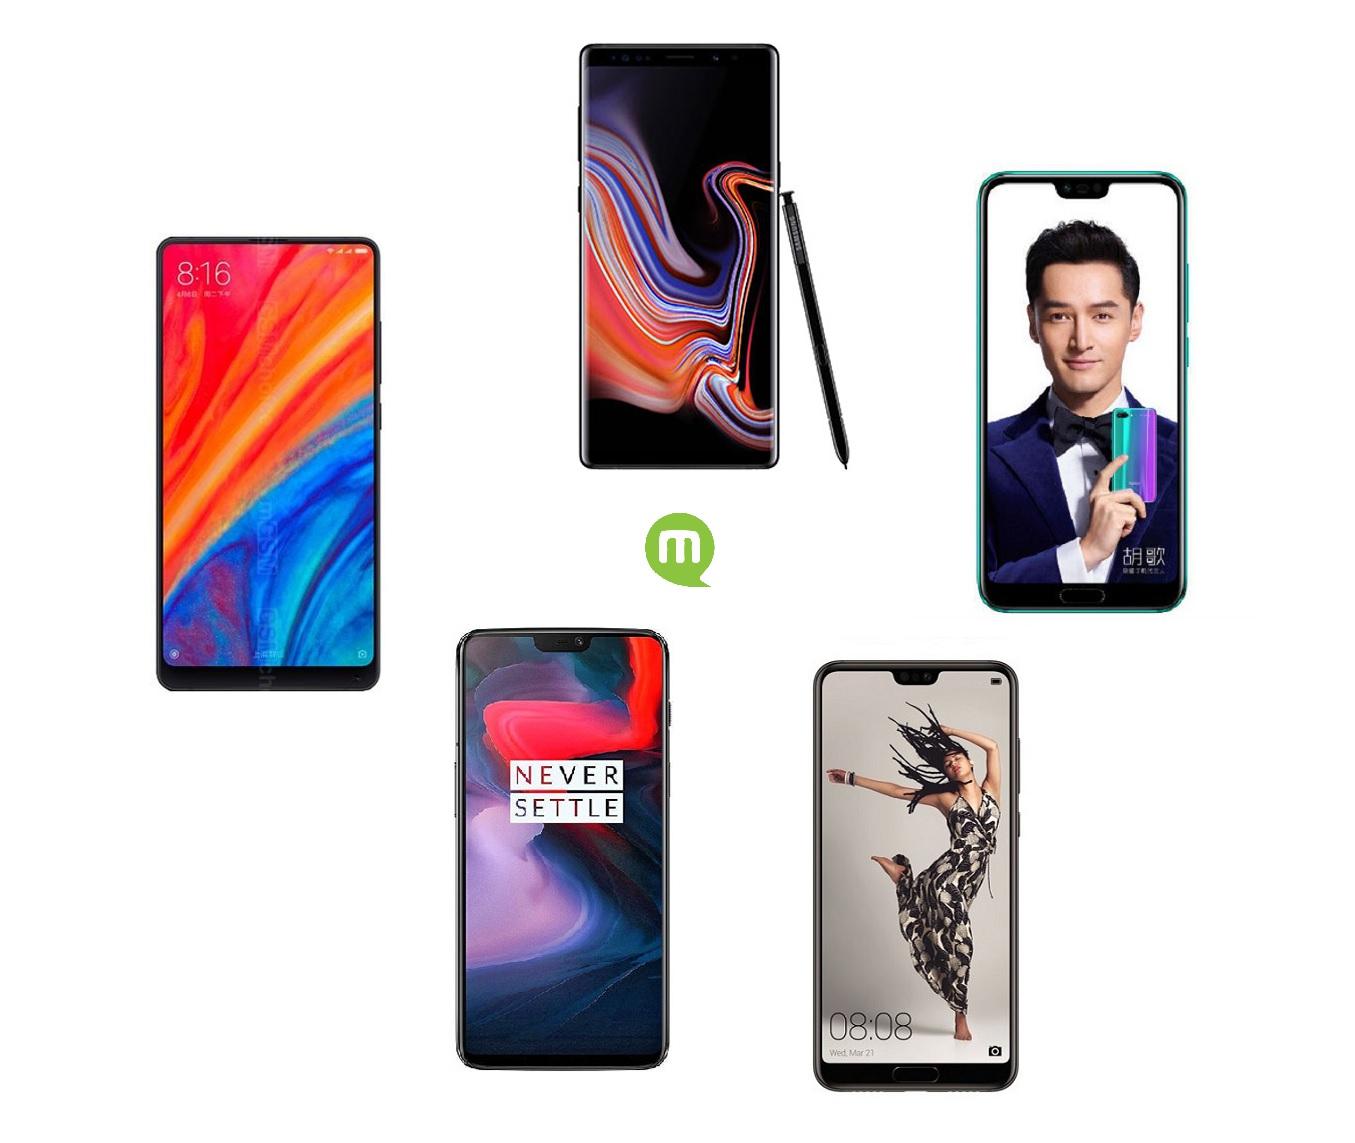 Guide d'achat smartphone : quels sont les meilleurs modèles de l'été 2018 ?